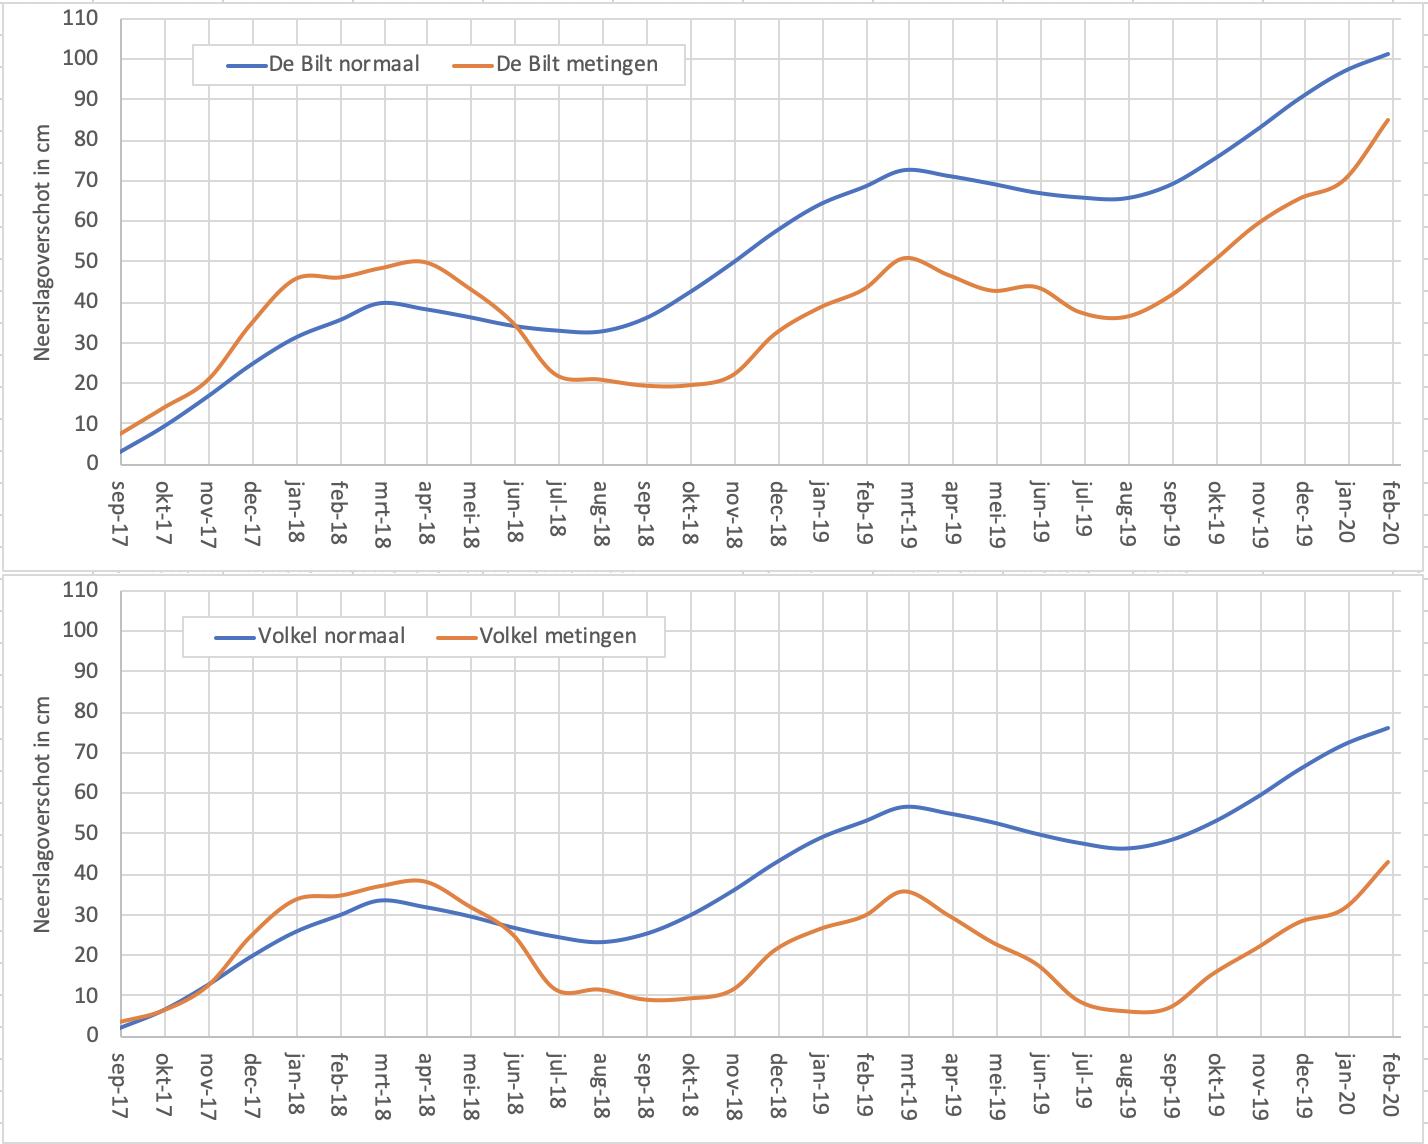 Meerjarig verloop van het neerslagoverschot bij De Bilt en Volkel (bron KNMI)